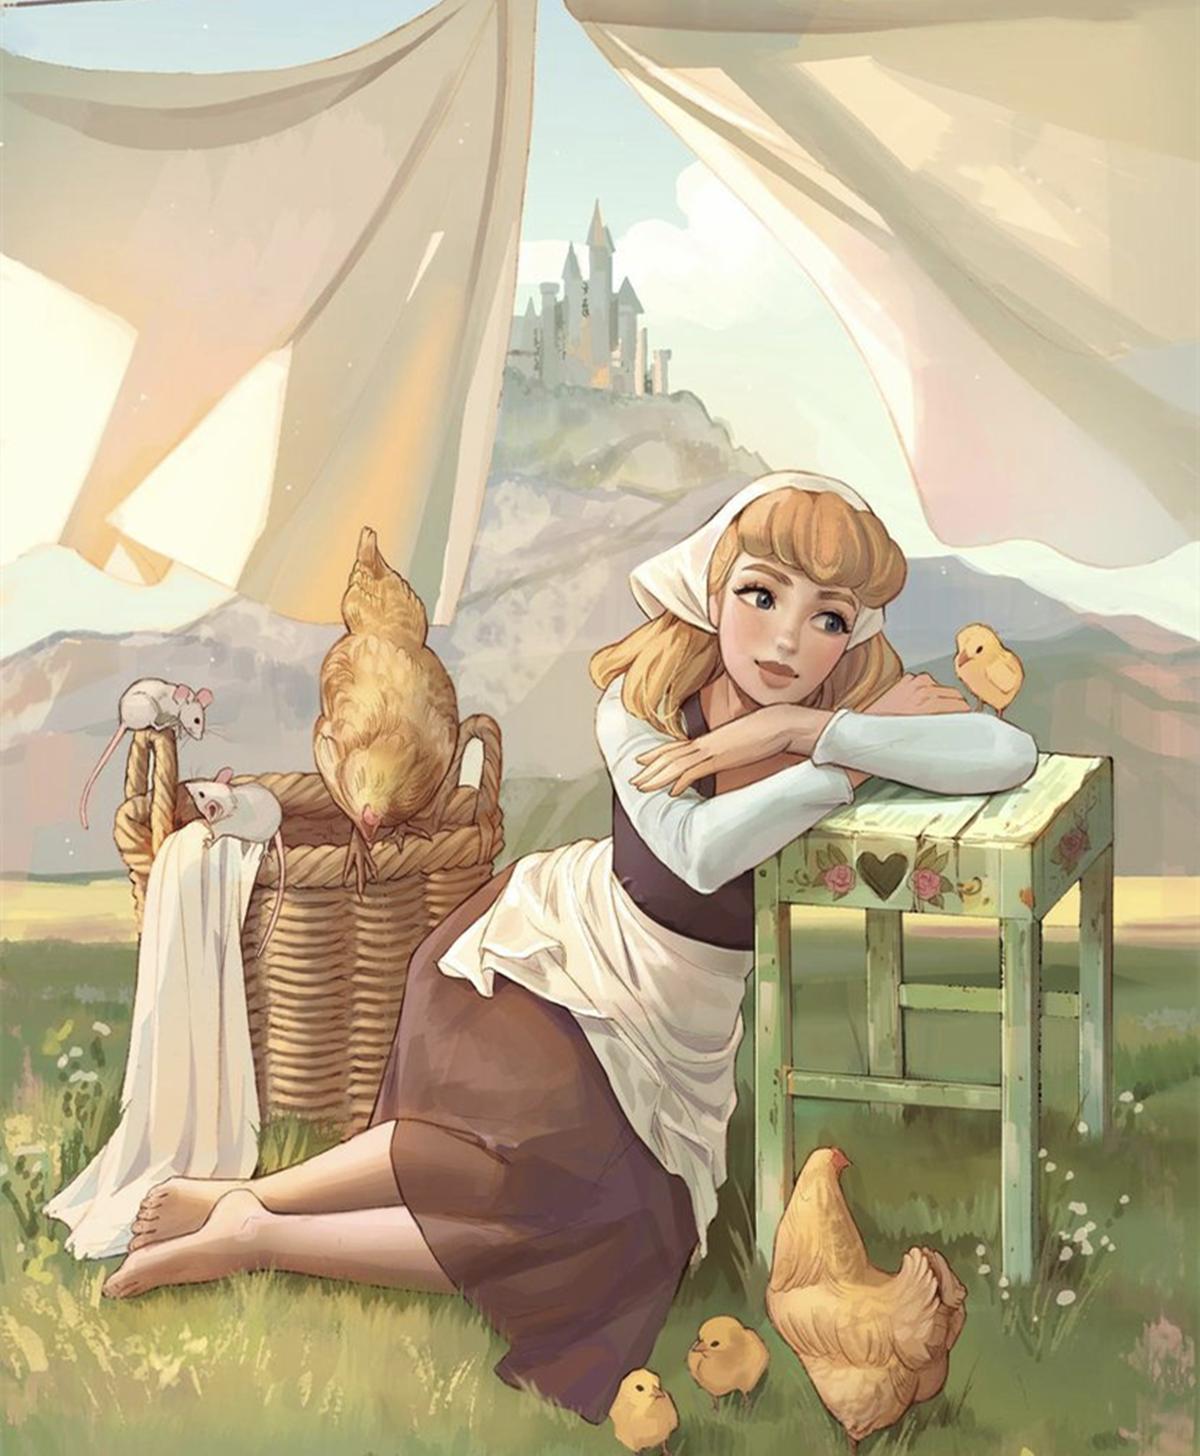 記憶中的童話故事換了畫風,小紅帽馴服了大灰狼,還有其他新故事